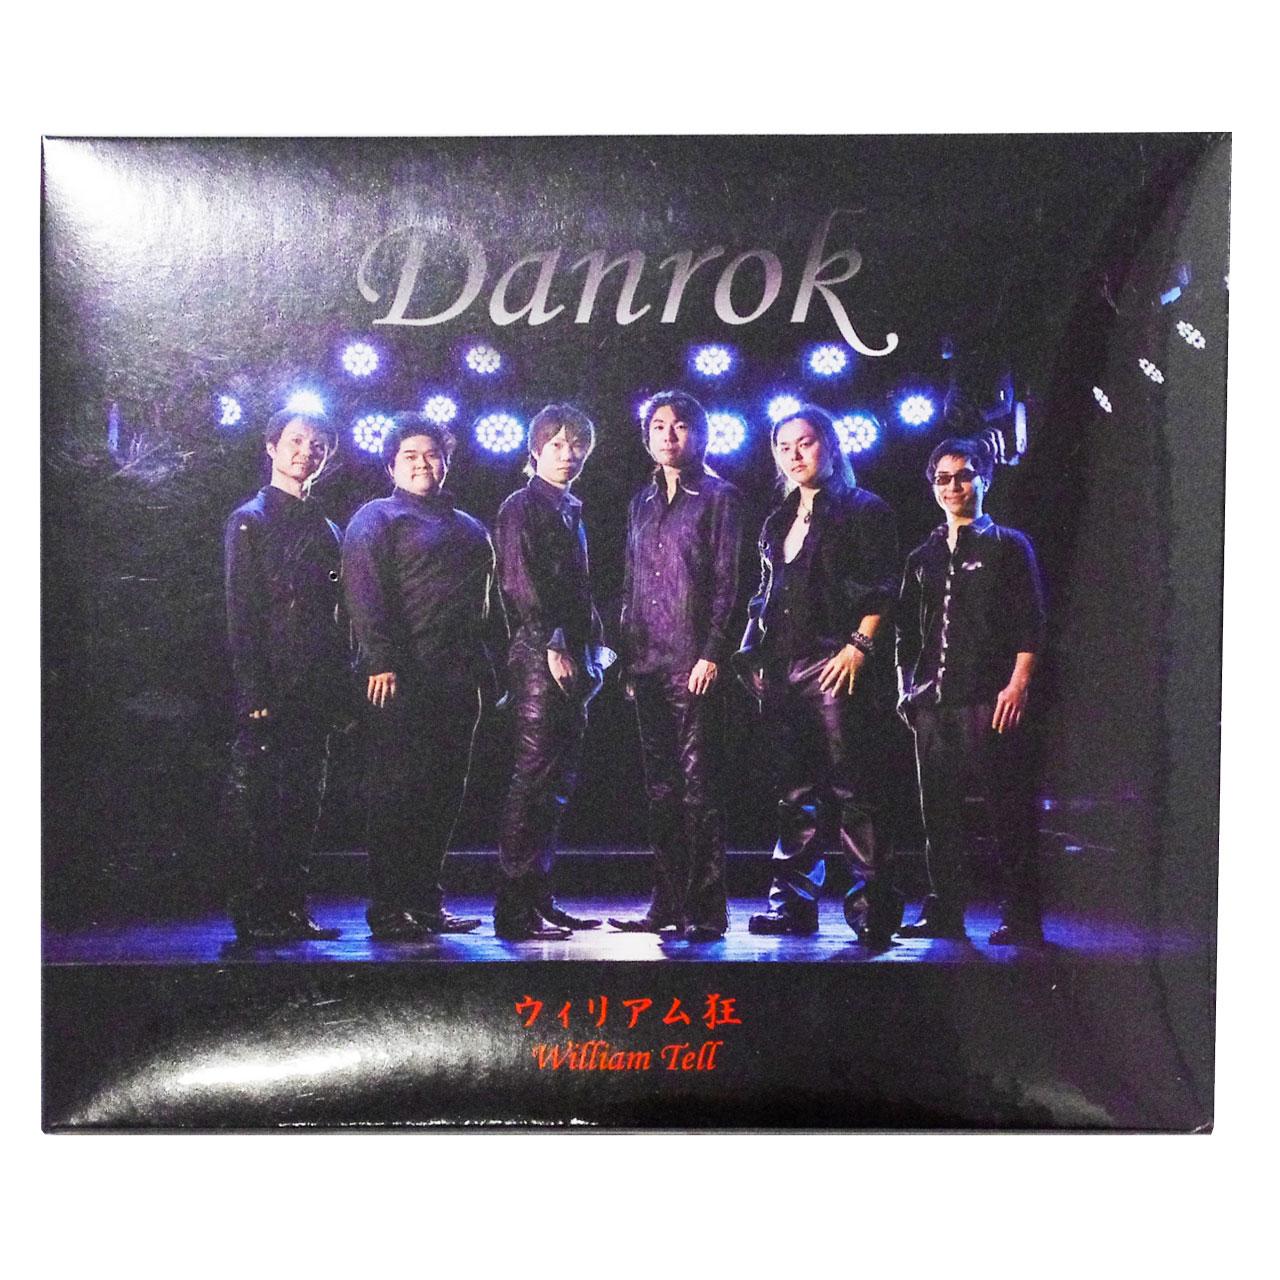 ダンロクウィリアム狂CD